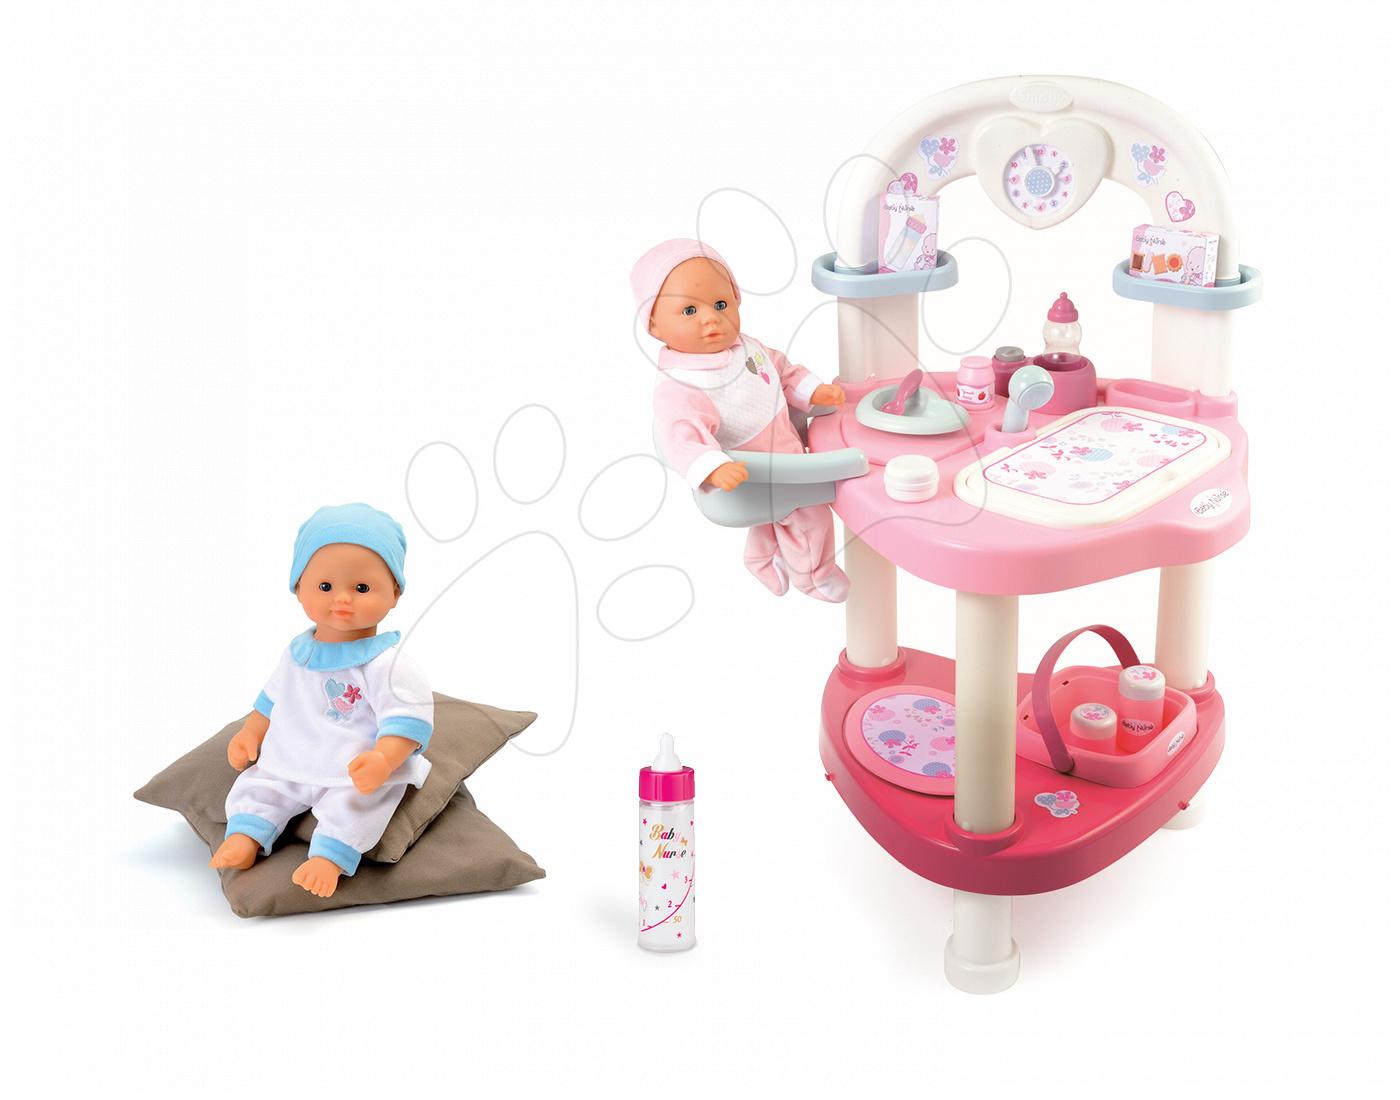 Set přebalovací stůl pro panenku Baby Nurse Srdíčko Smoby a panenka v dupačkách 32 cm, magická láhev